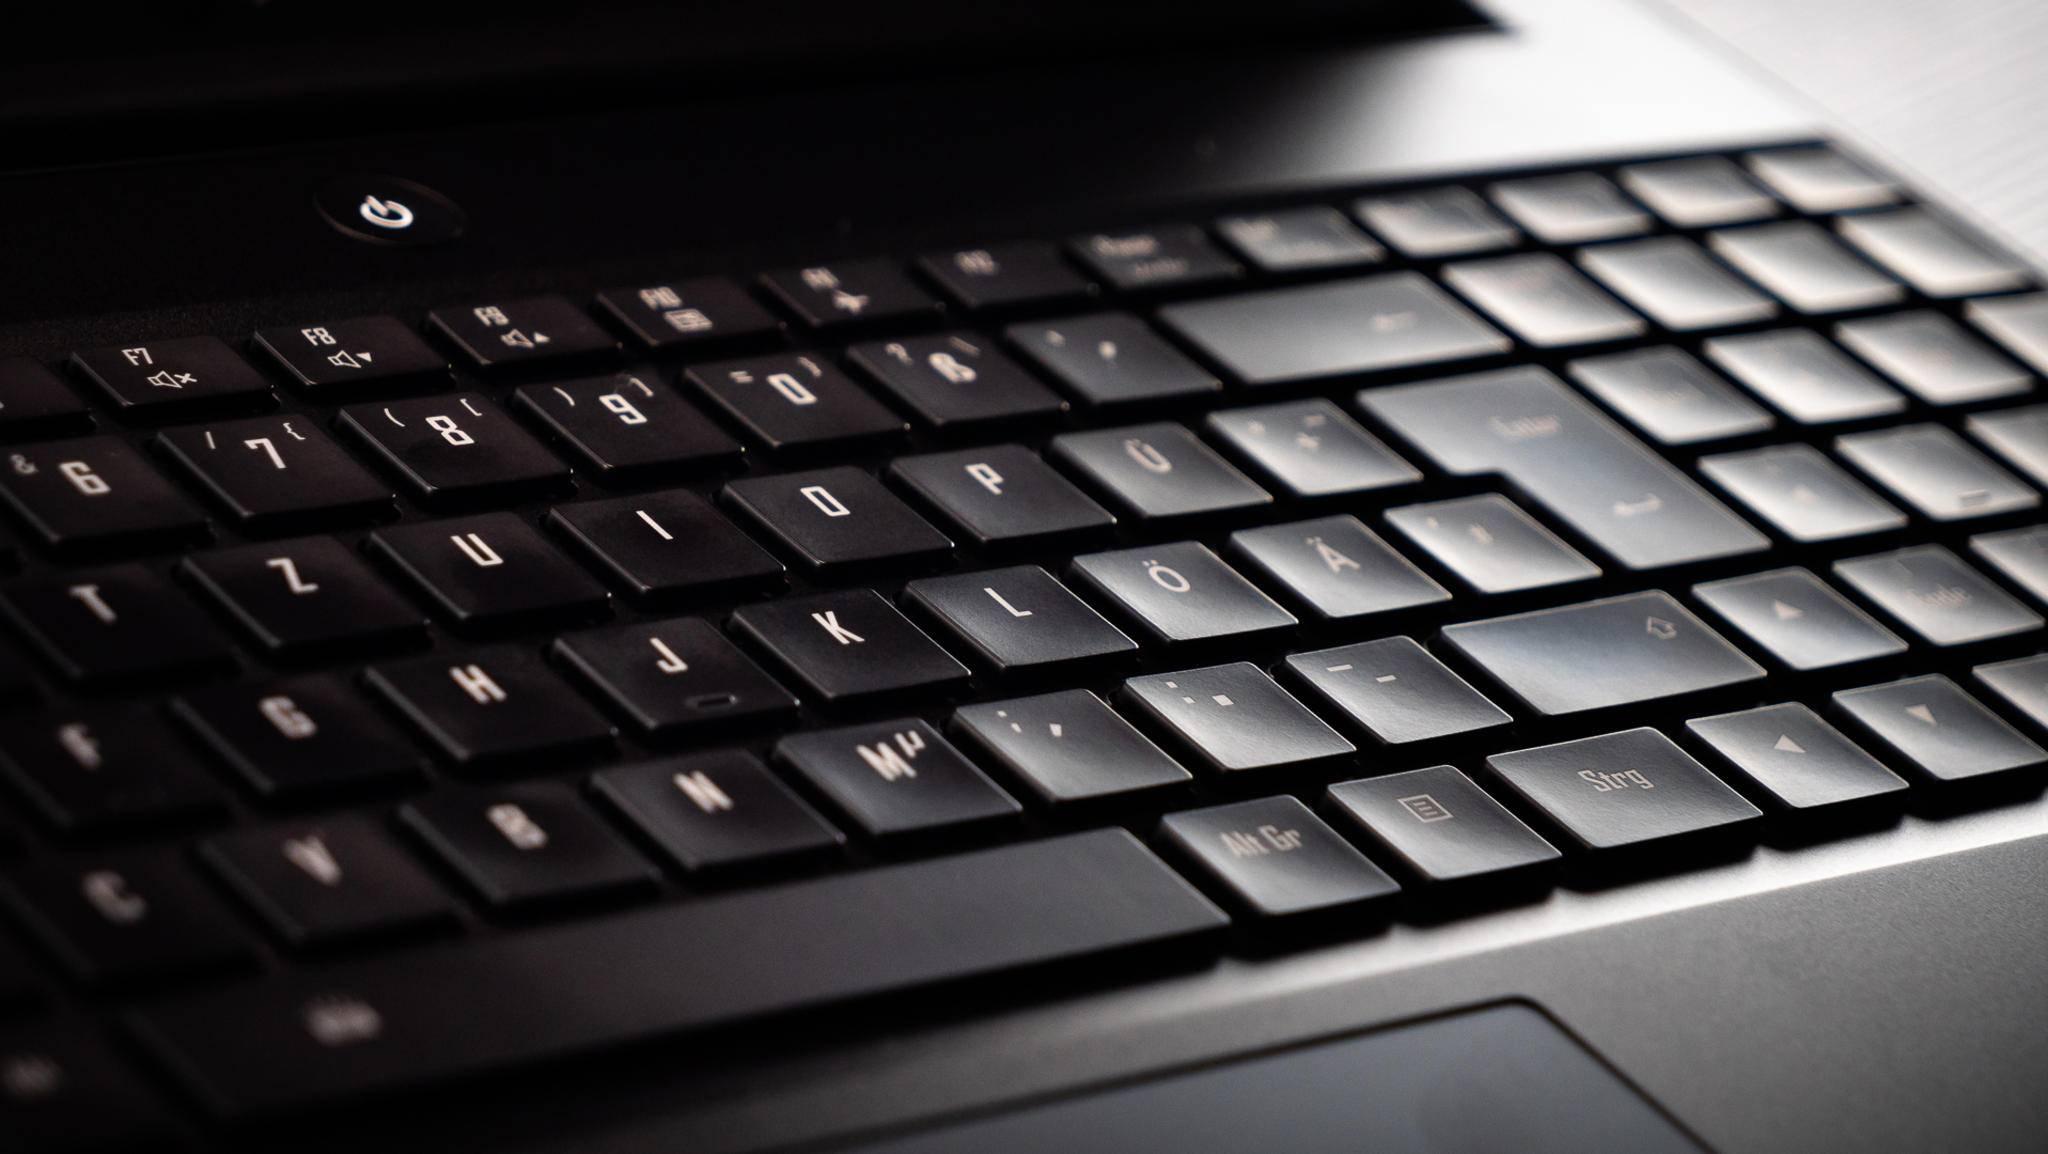 Wenn die Tastatur den Dienst verweigert, kann das verschiedene Ursachen haben.